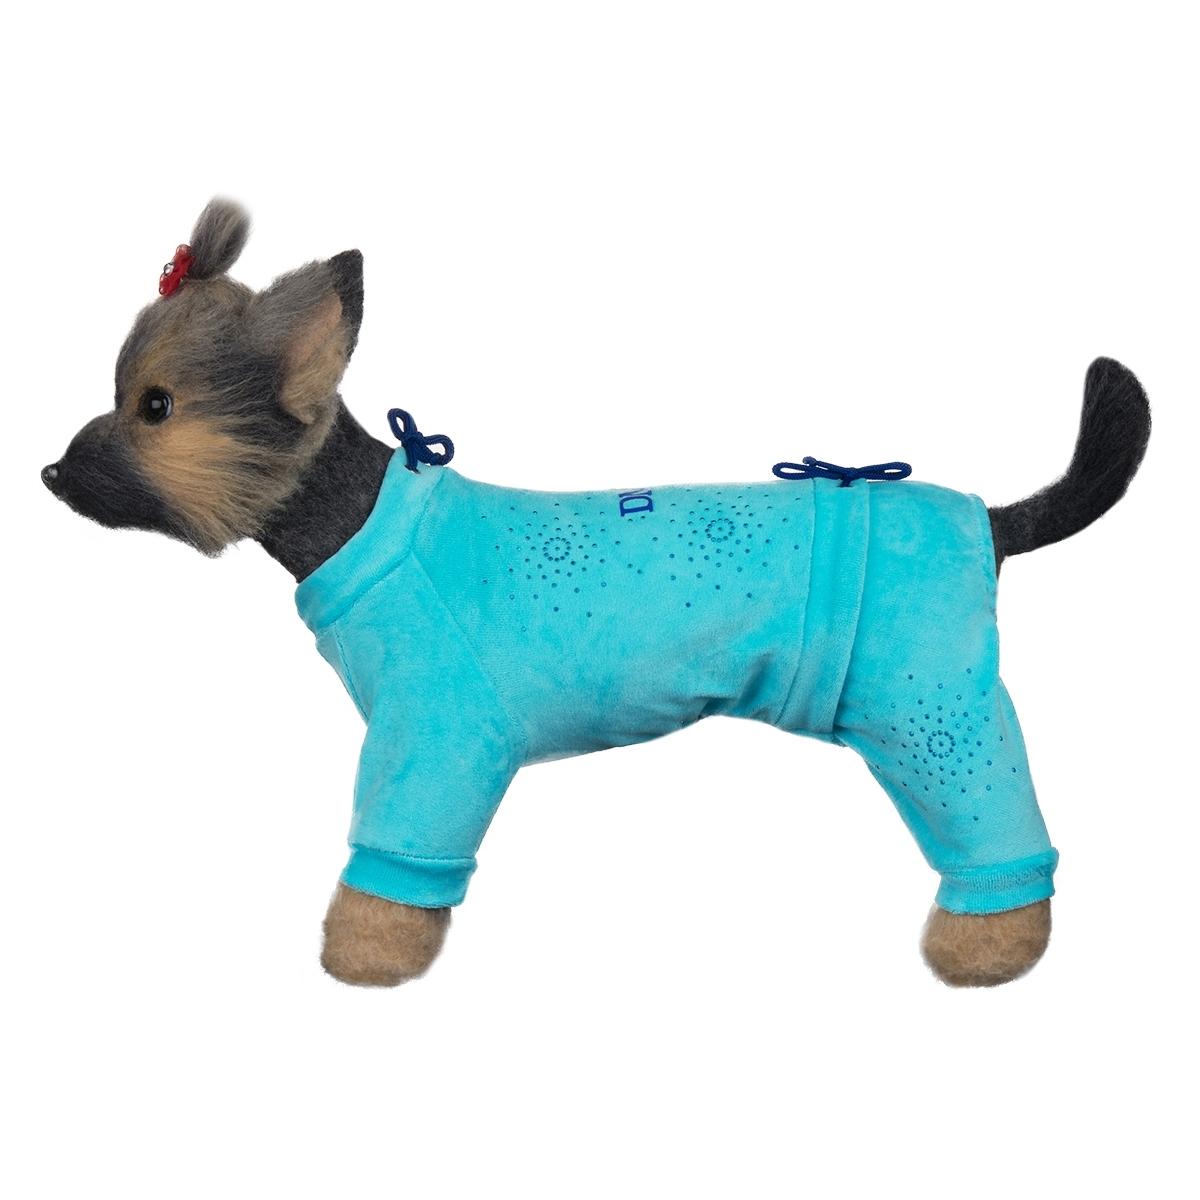 Dogmoda Комбинезон для собак велюровый Галактика-4 (голубой)DM-160107-4Красивый и уютный велюровый комбинезон модного цвета, украшен стразами. Две затяжки - на шее и животе, позволят этому комбинезону идеально сидеть на собаке любого телосложения.